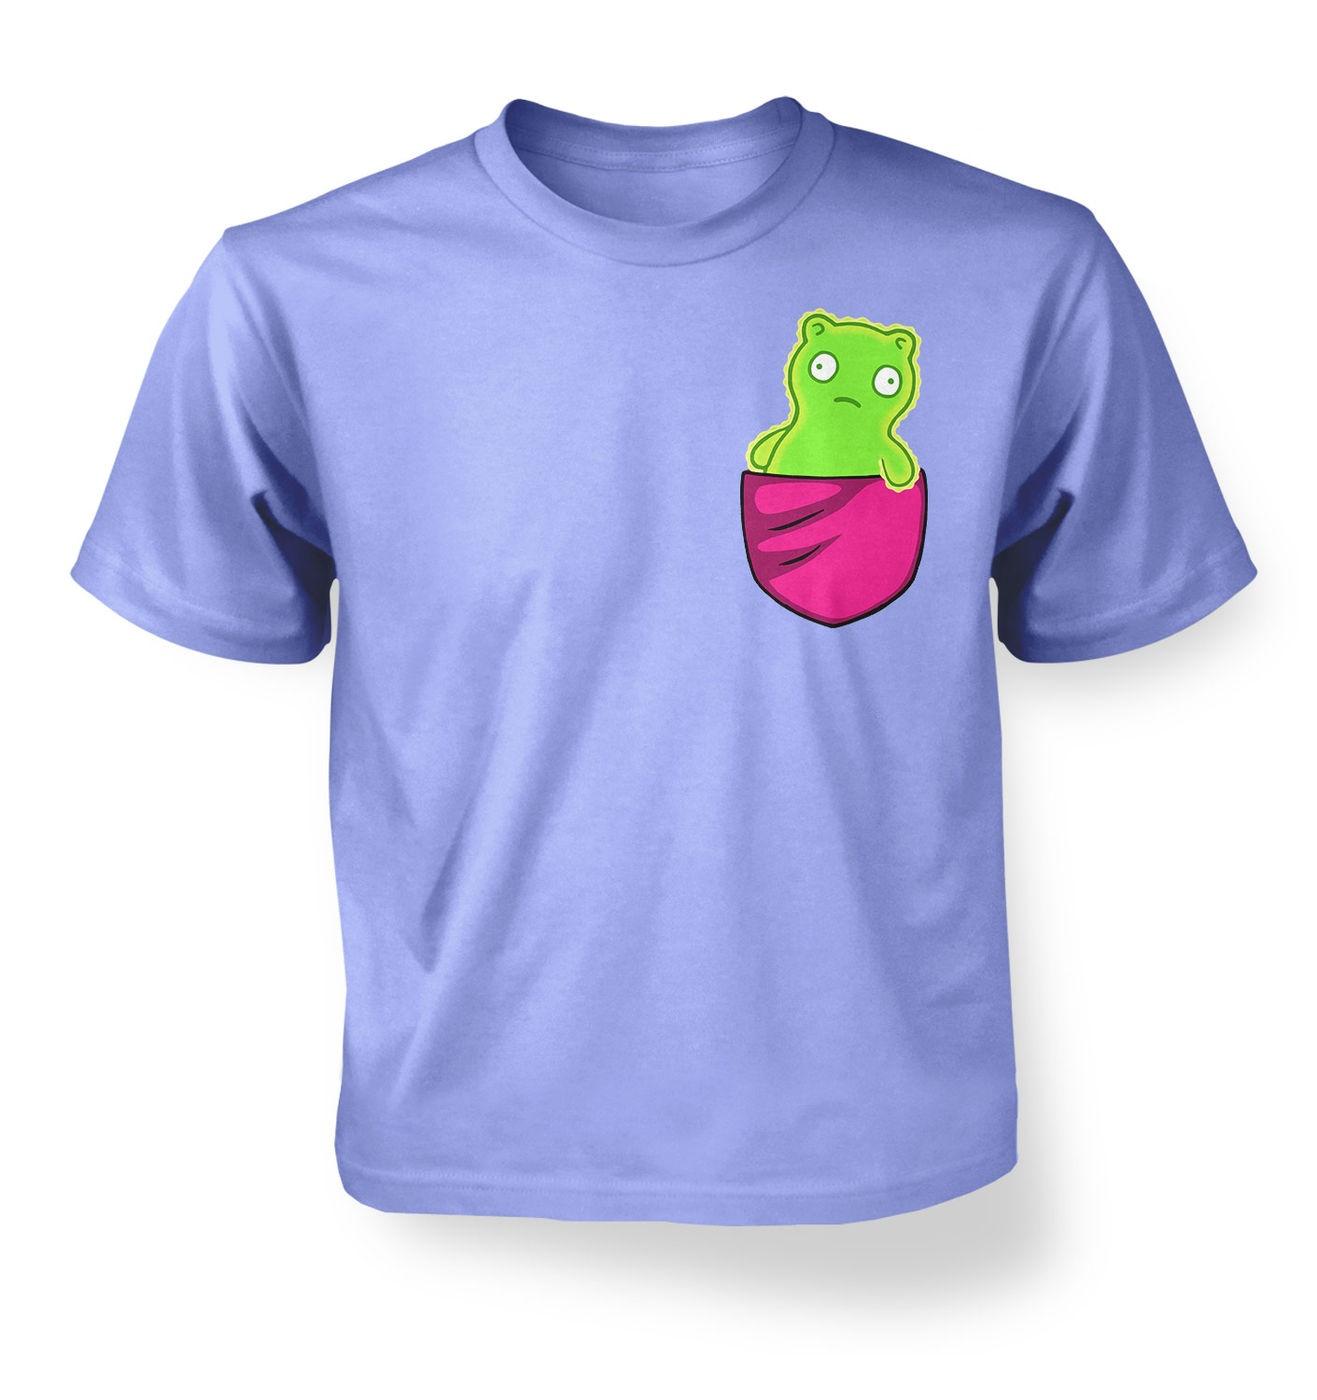 Kuchi Kopi Pocket kids t-shirt by Something Geeky